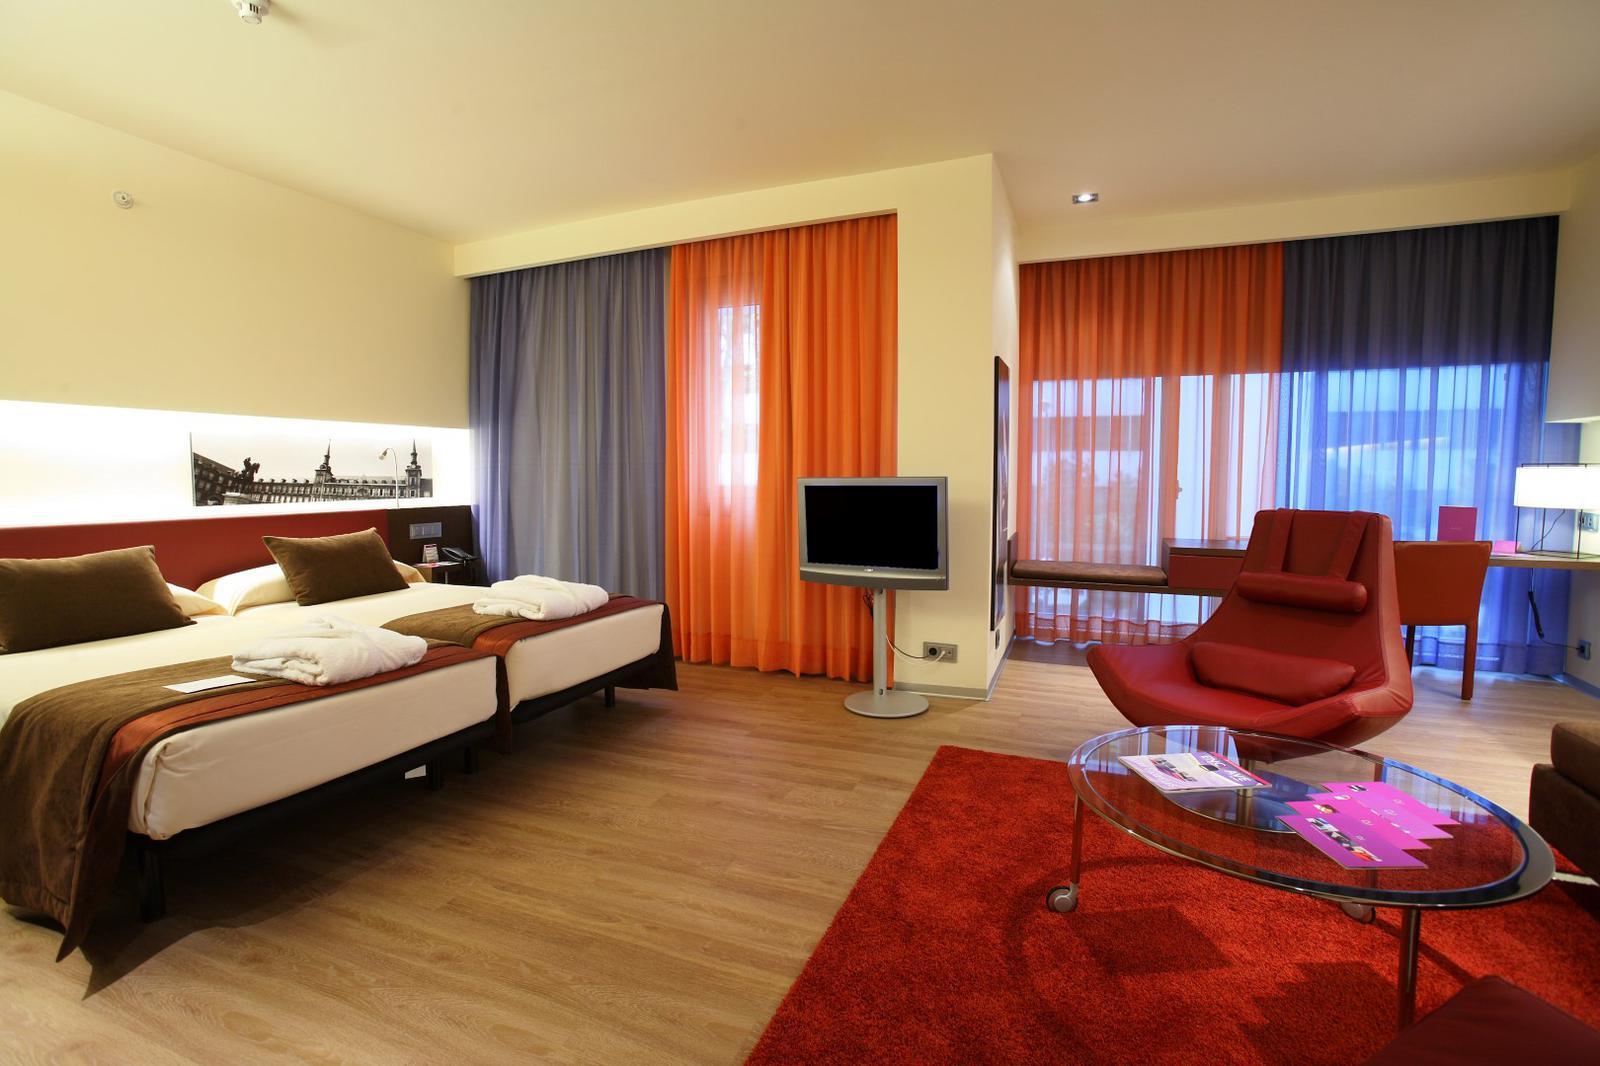 5 hoteles en Madrid para una escapada de fin de semana - Room5